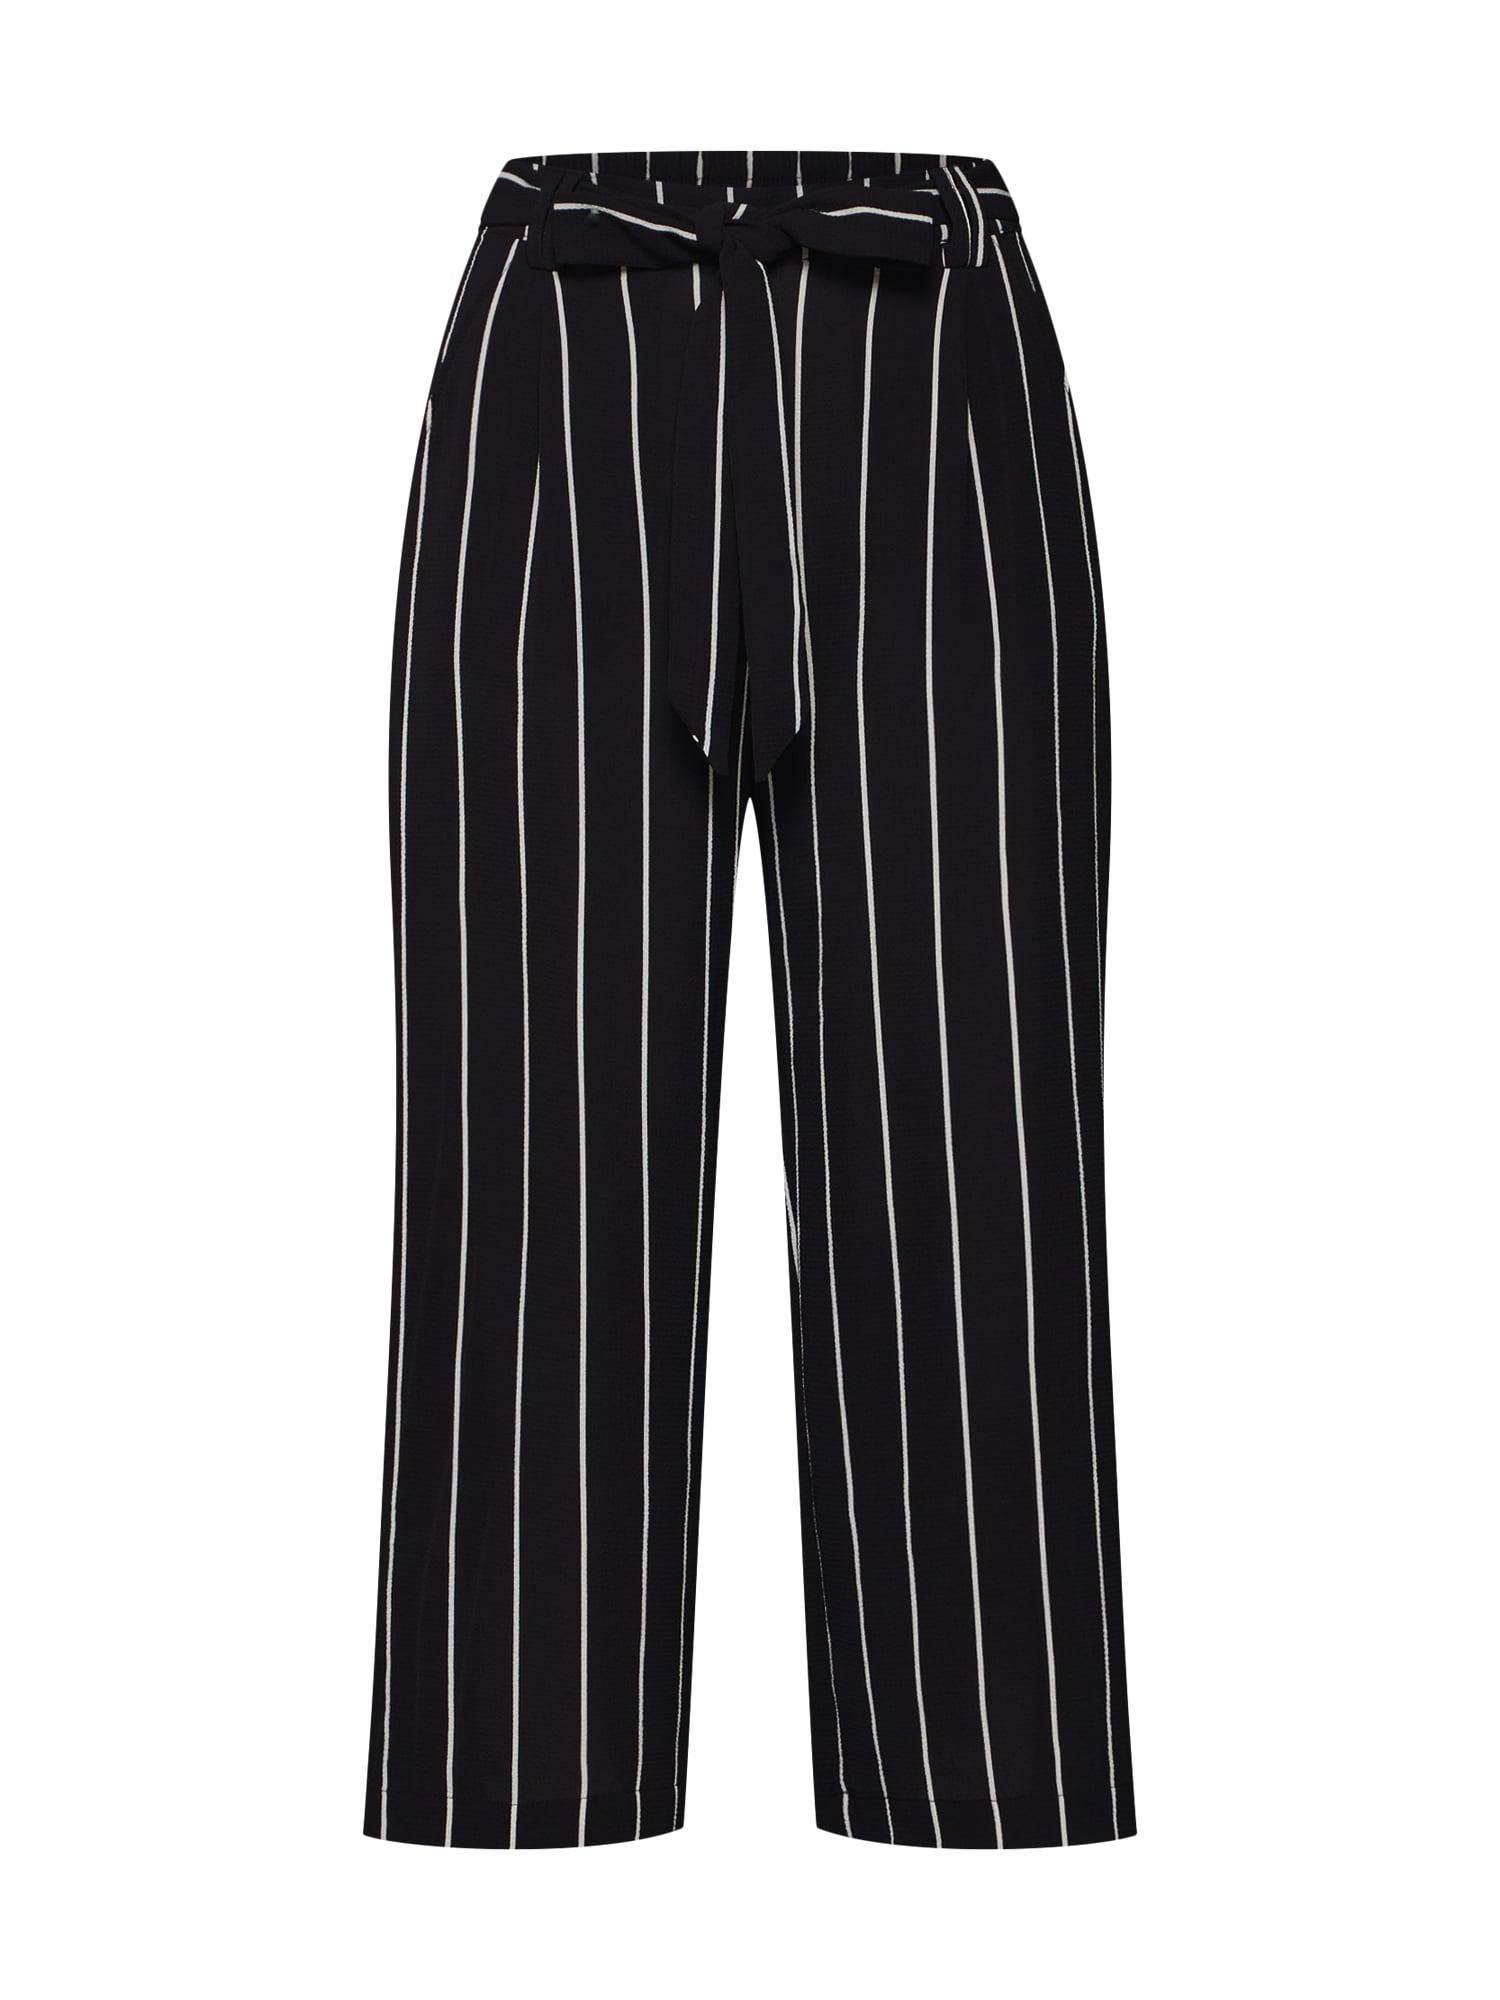 Kalhoty WINNER černá bílá ONLY